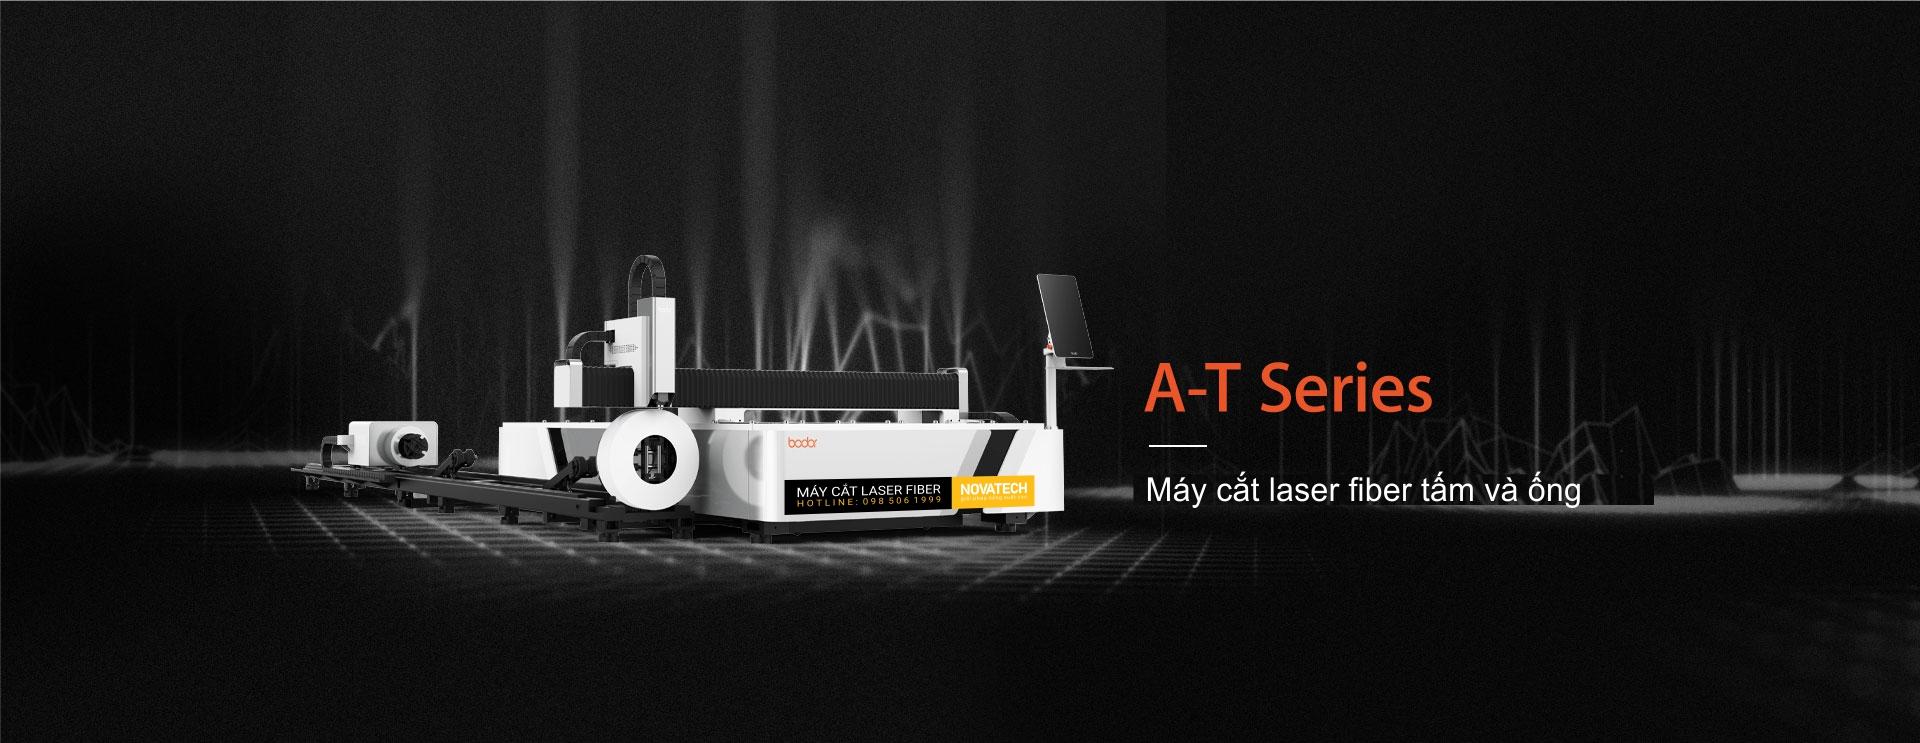 Máy cắt laser fiber BODOR dòng A-T